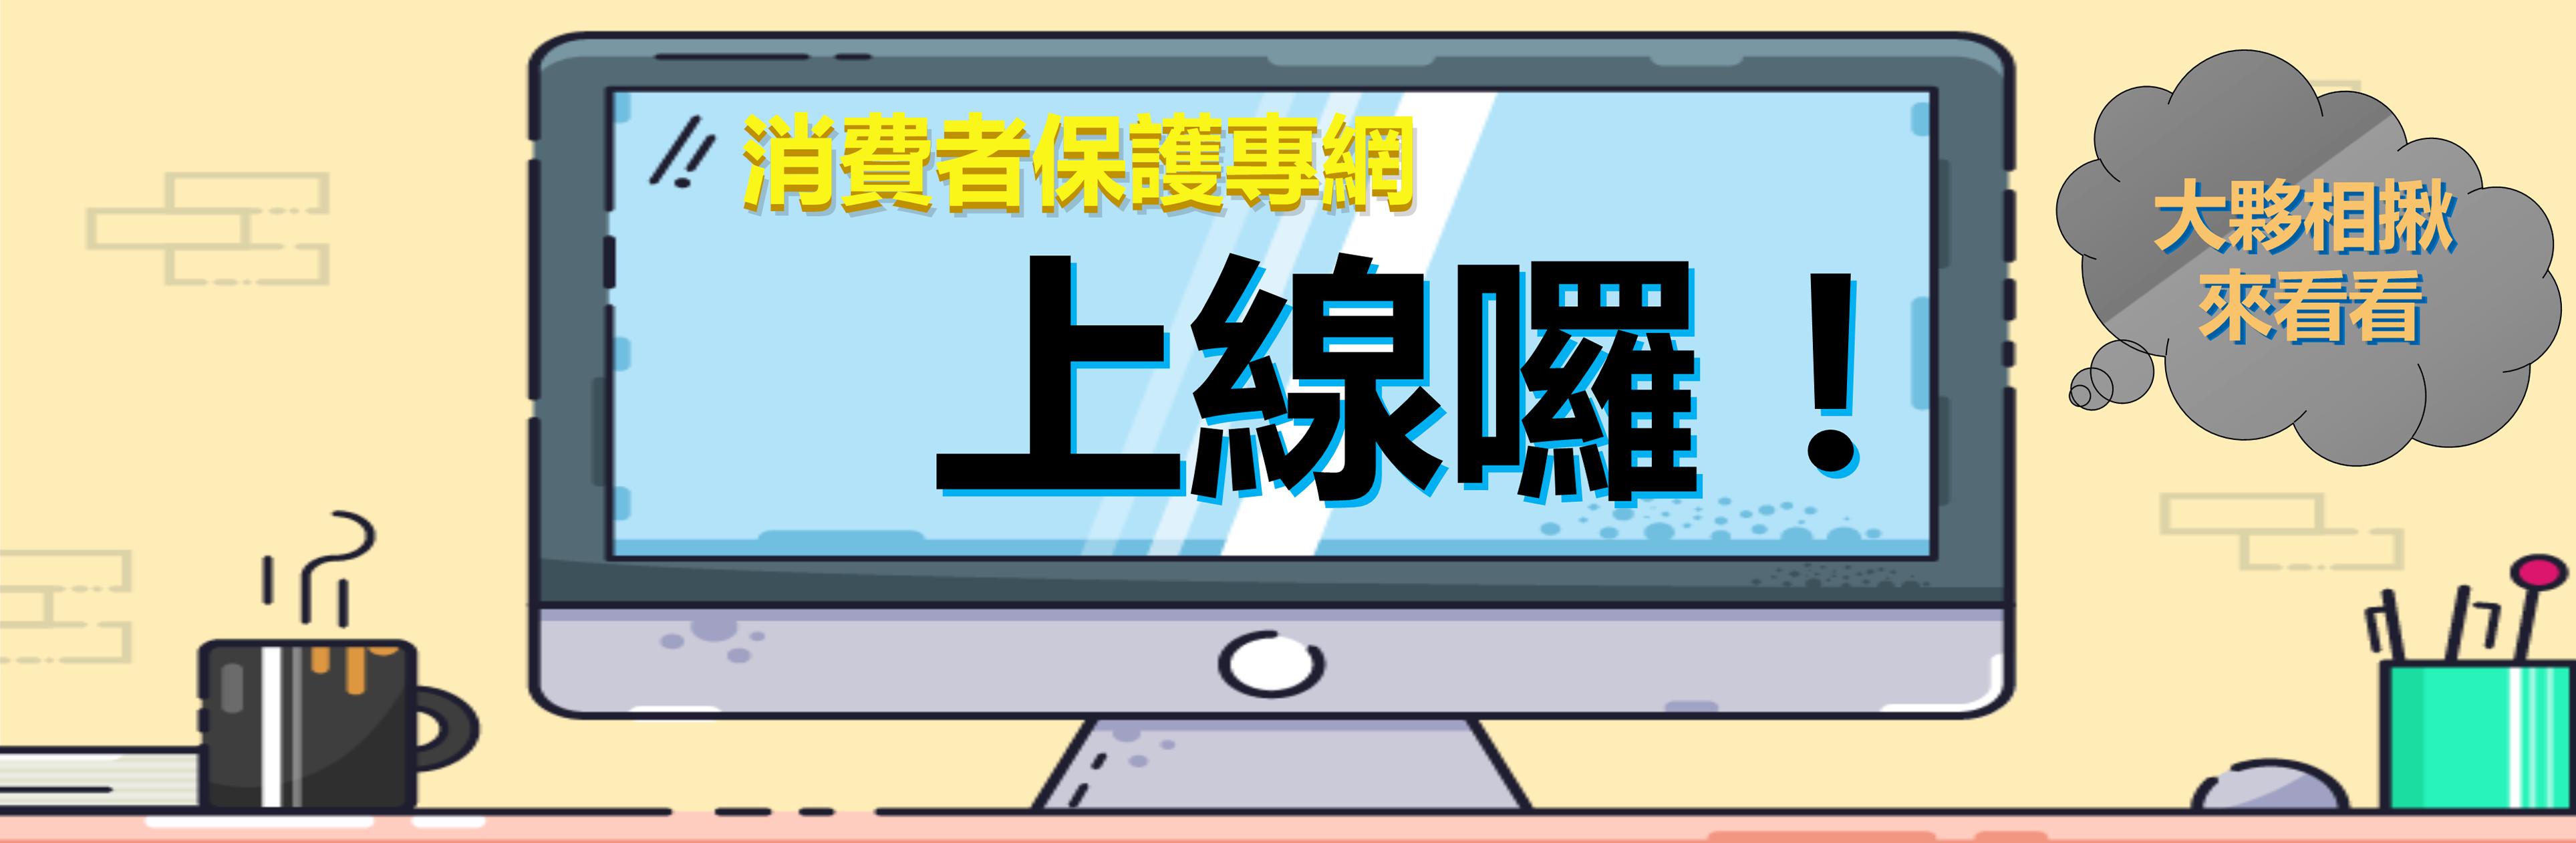 臺北市政府法務局消保網